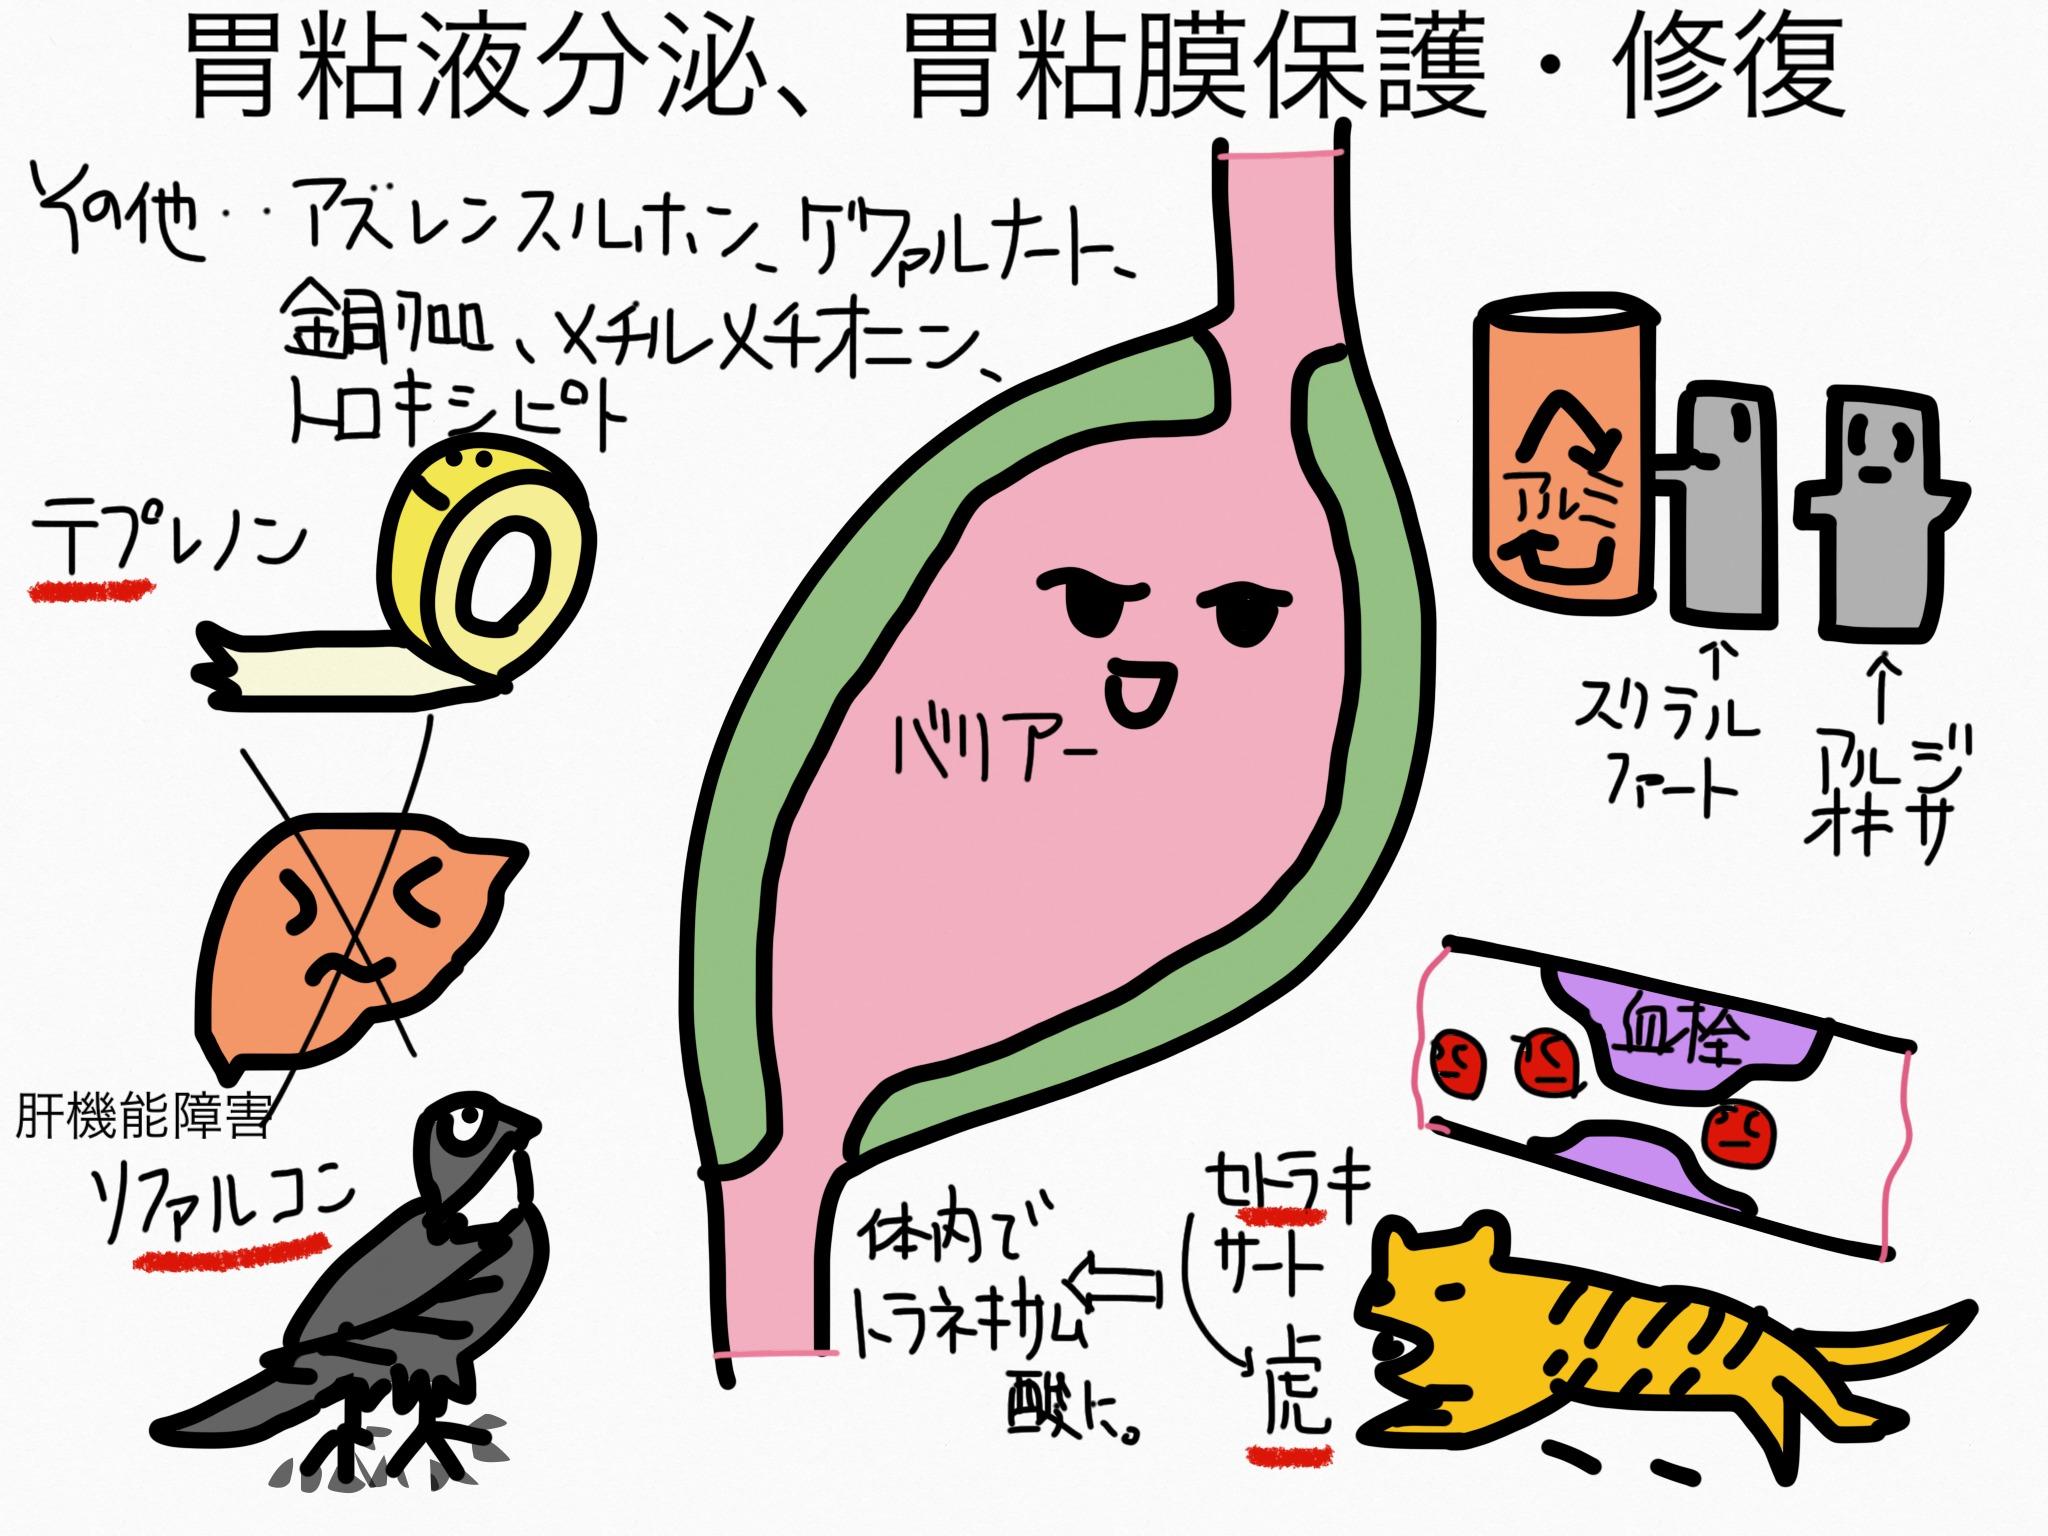 胃薬の成分まとめ・覚え方⑤胃粘膜保護・修復成分